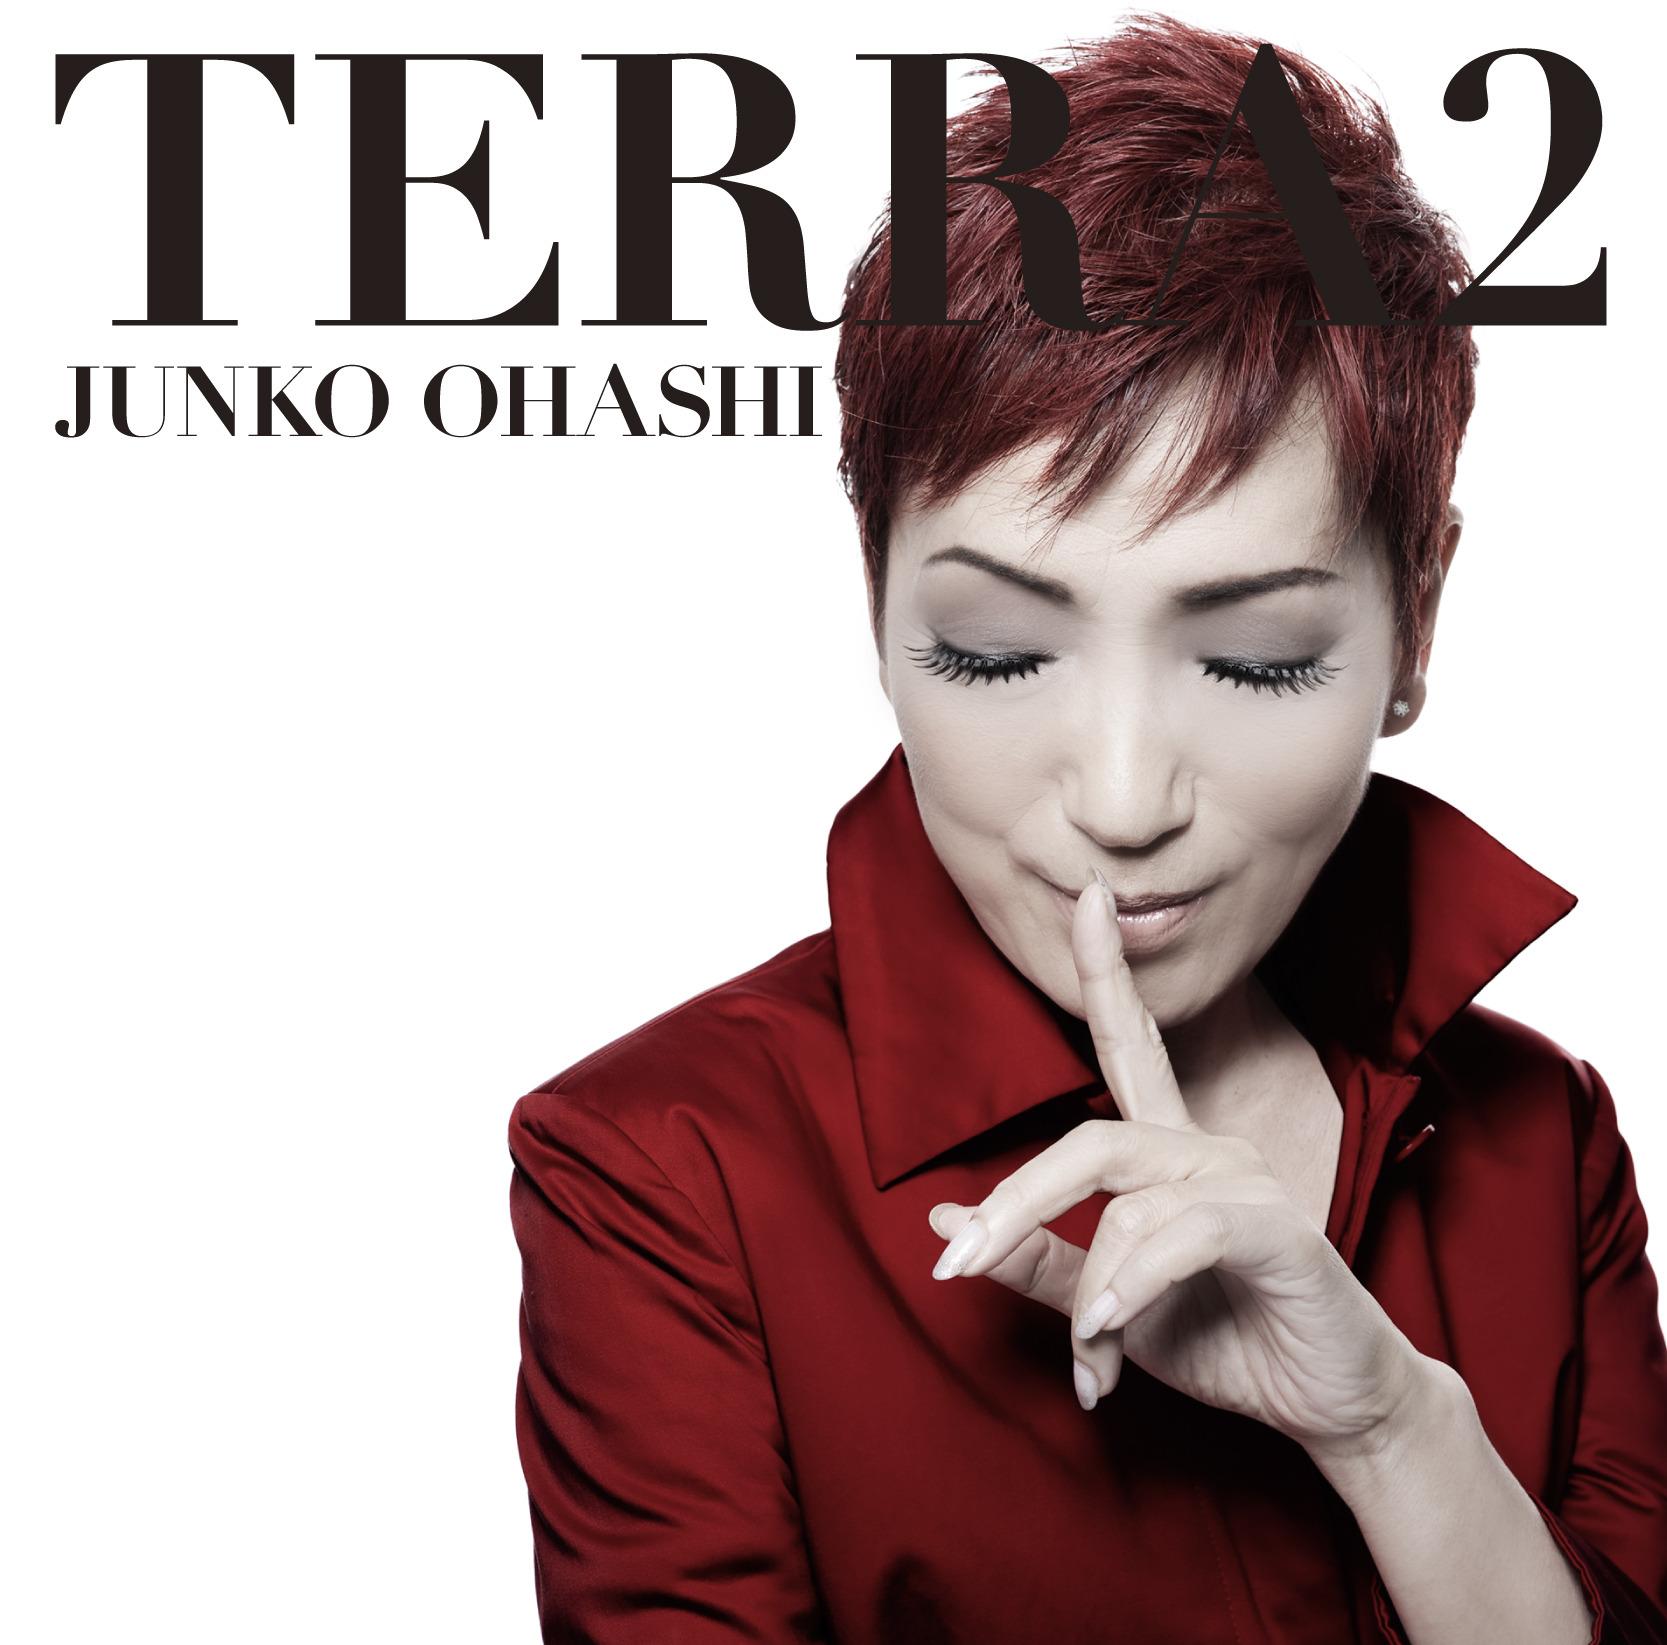 Terra2_jk_ok